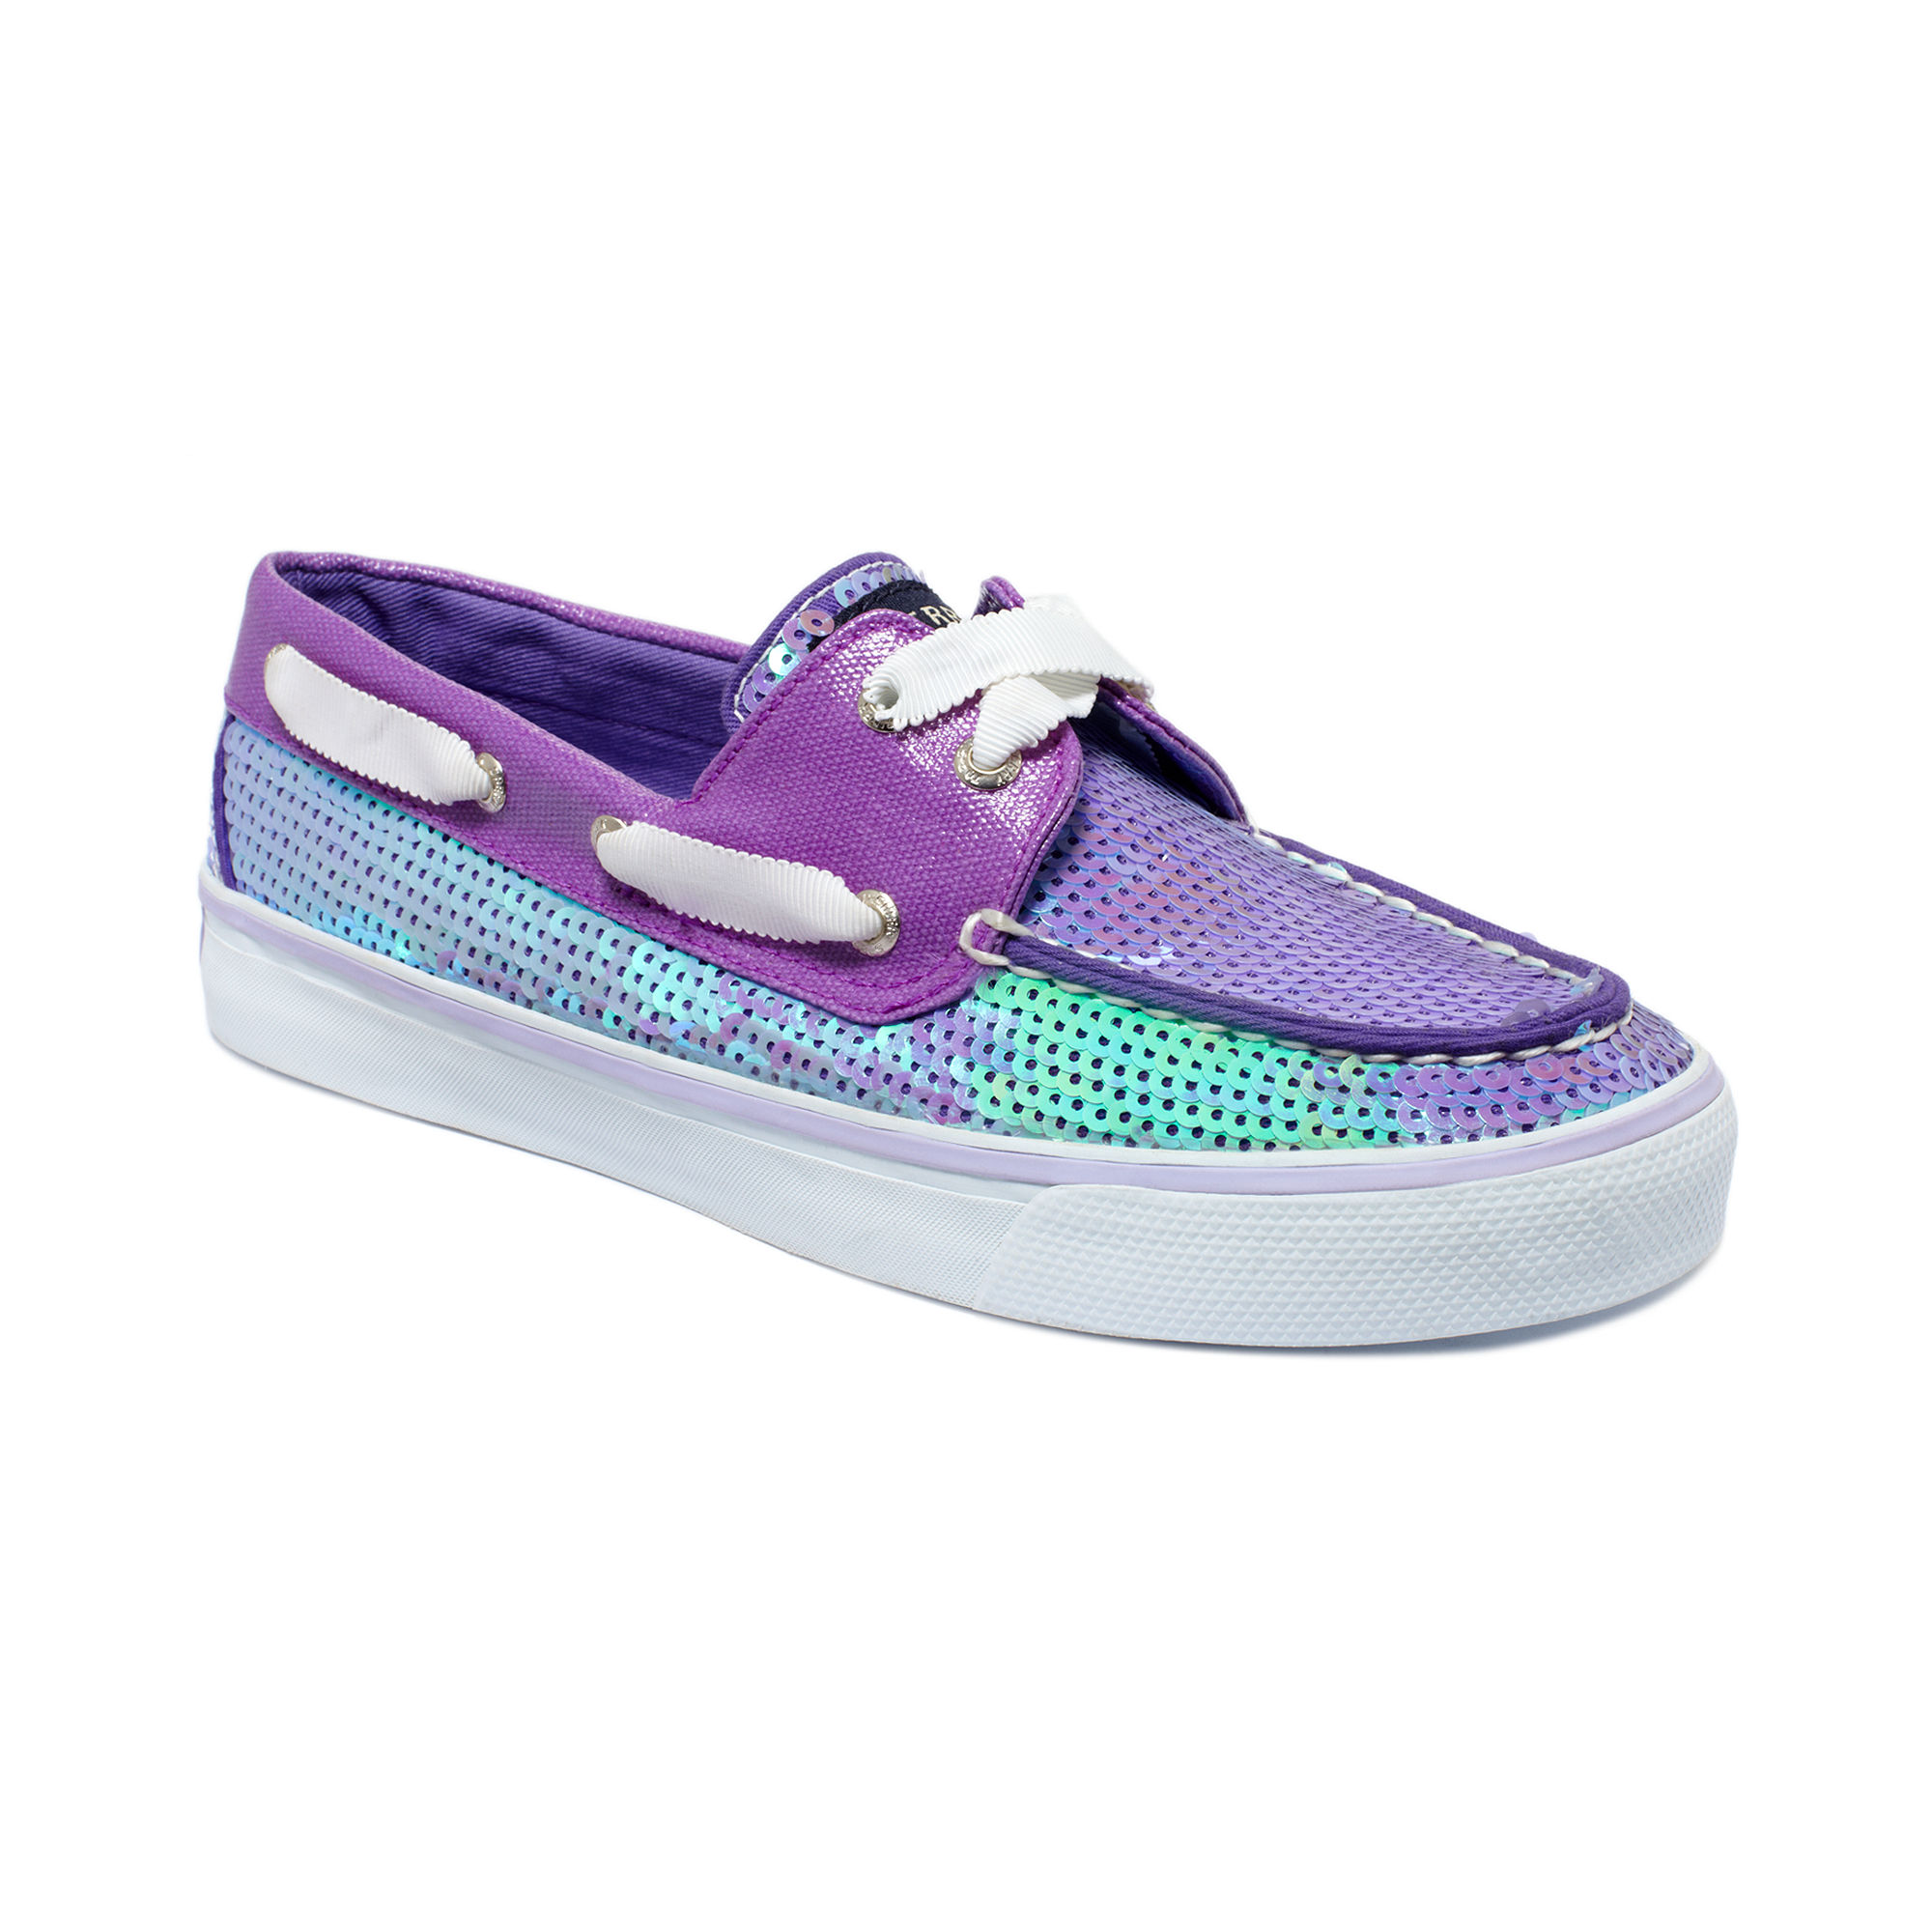 purple sperrys hot 3cc59 89698